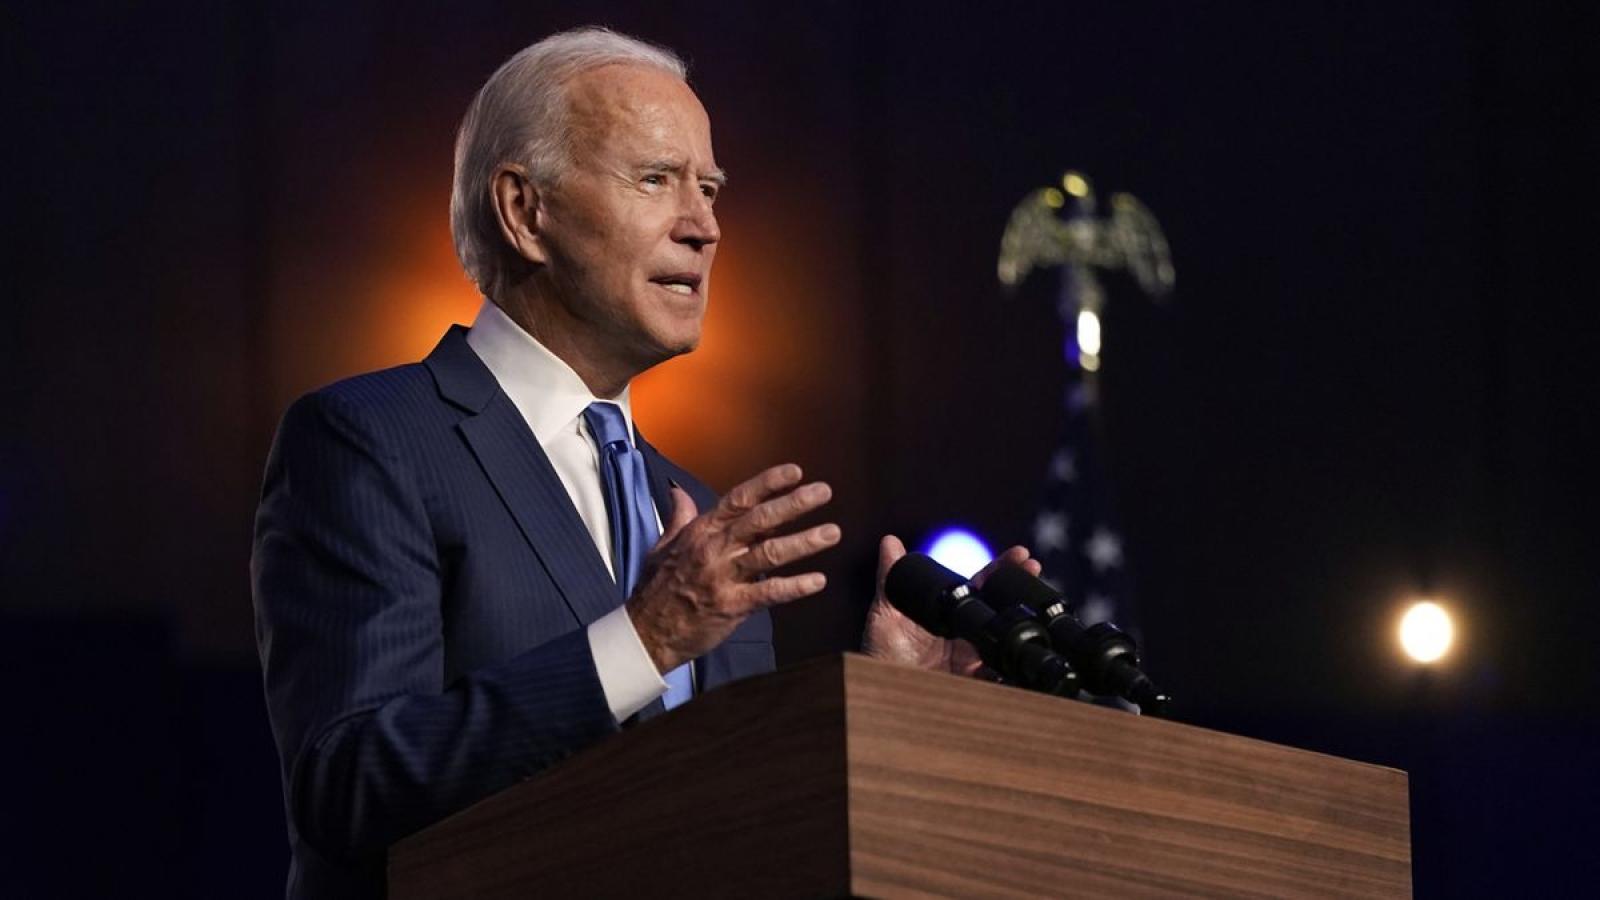 Sự chia rẽ nội bộ đảng Dân chủ: Phép thử sớm đối với Joe Biden